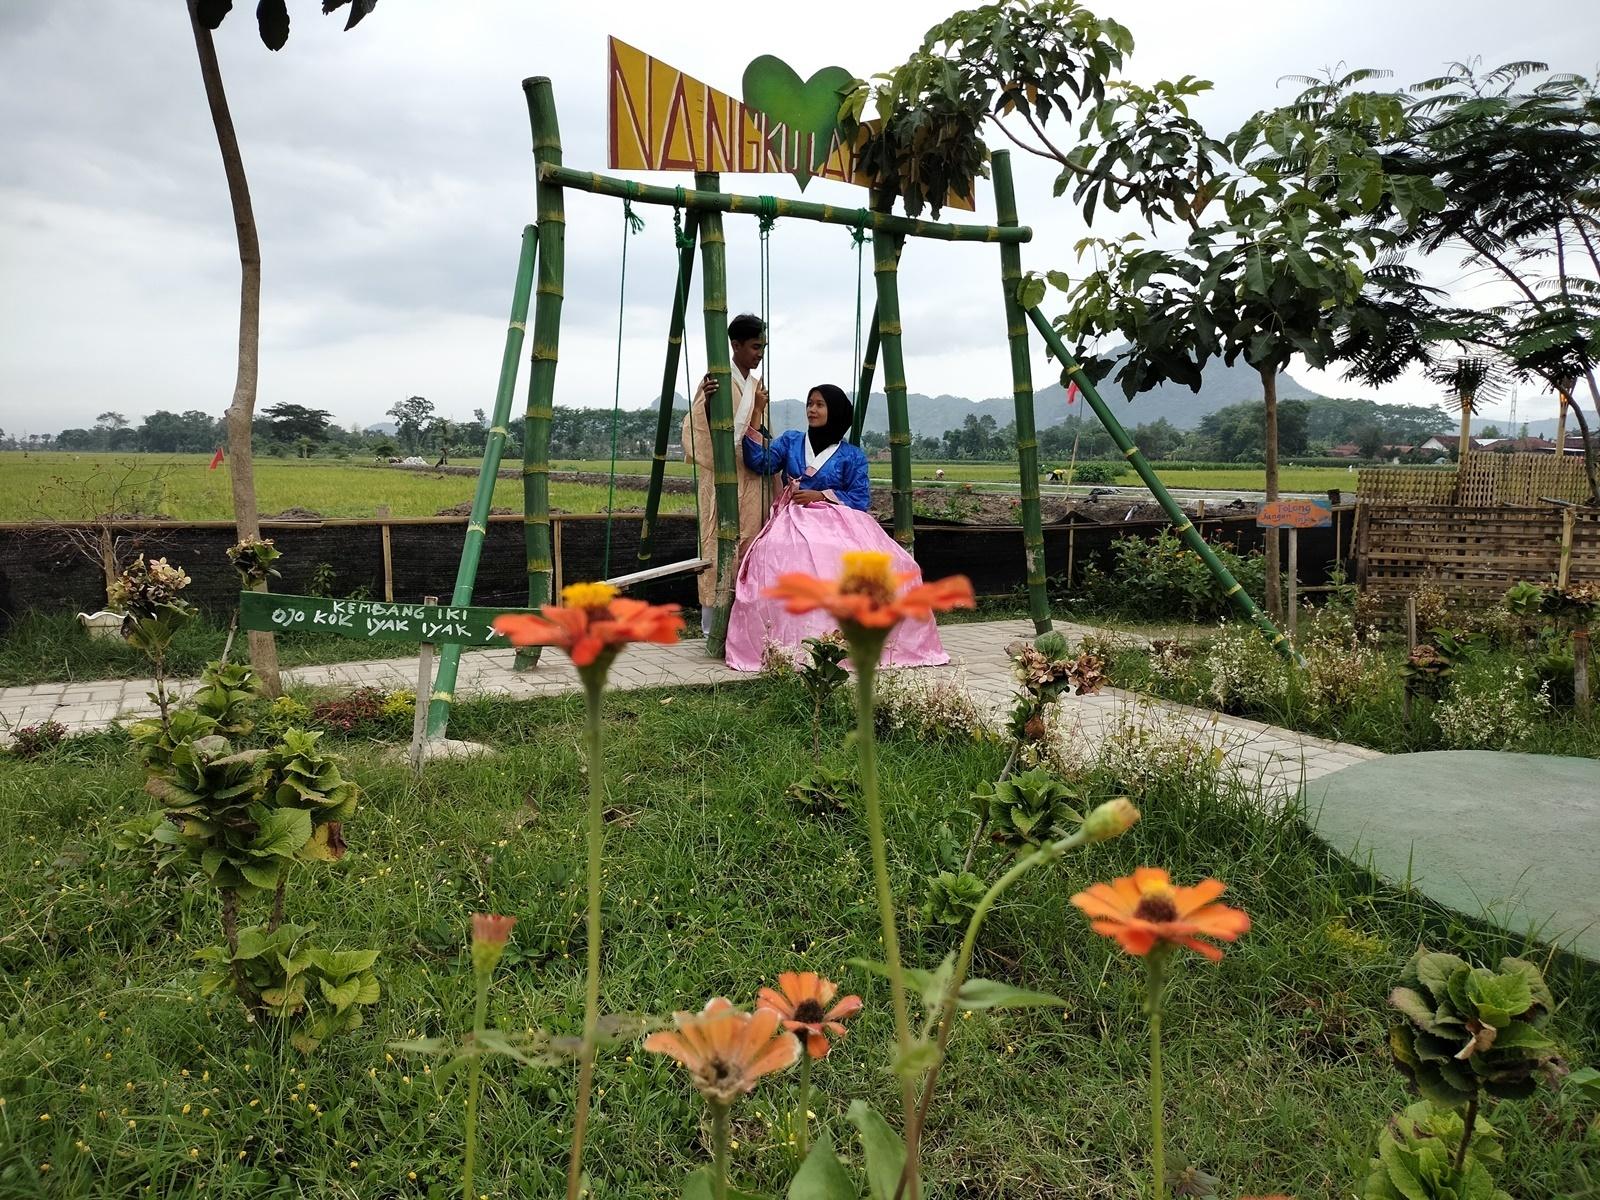 Berfoto bersama pasangan di spot foto ayunan di Nangkula Park